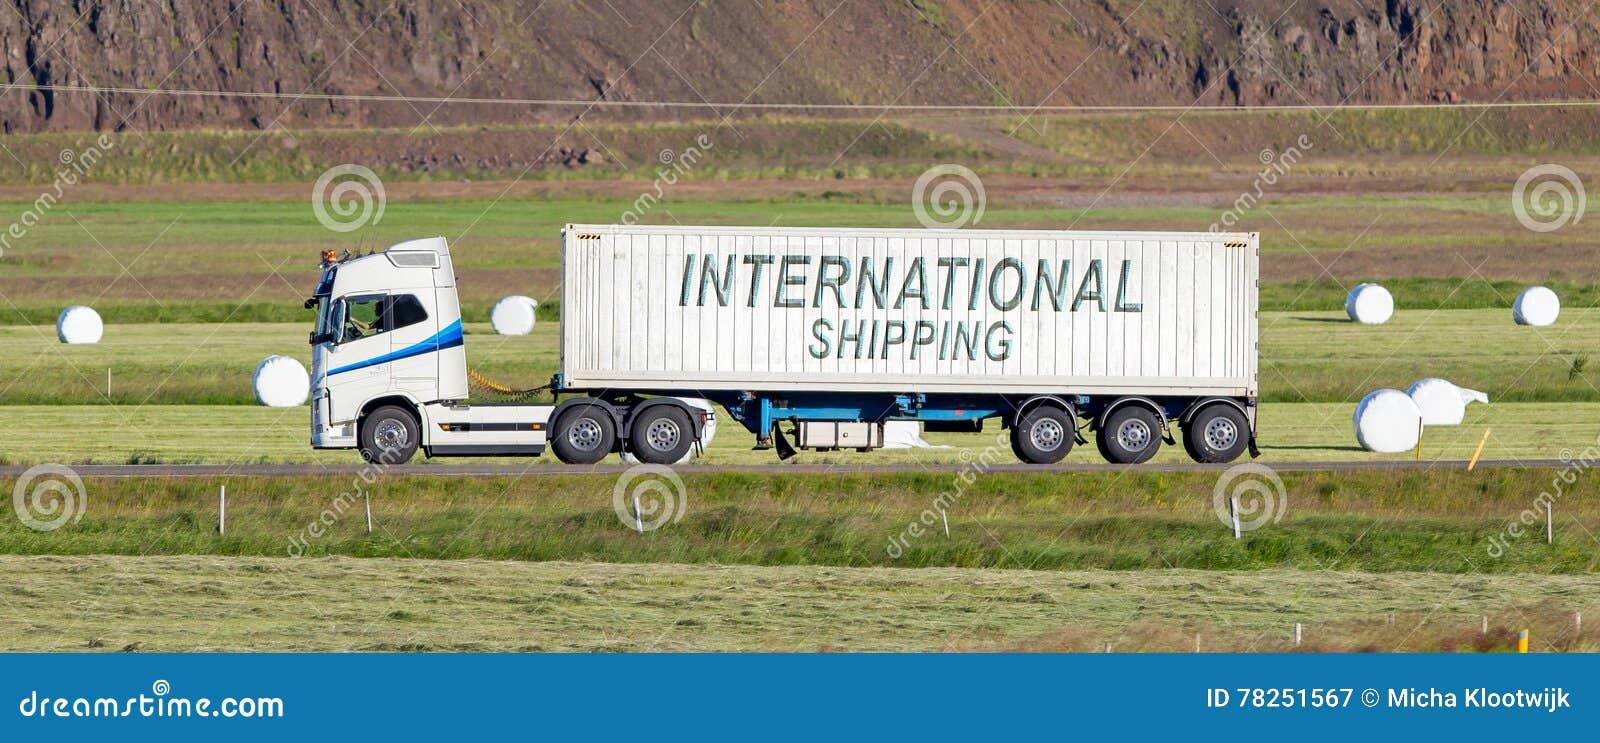 Οδήγηση φορτηγών μέσω μιας αγροτικής περιοχής - διεθνής ναυτιλία